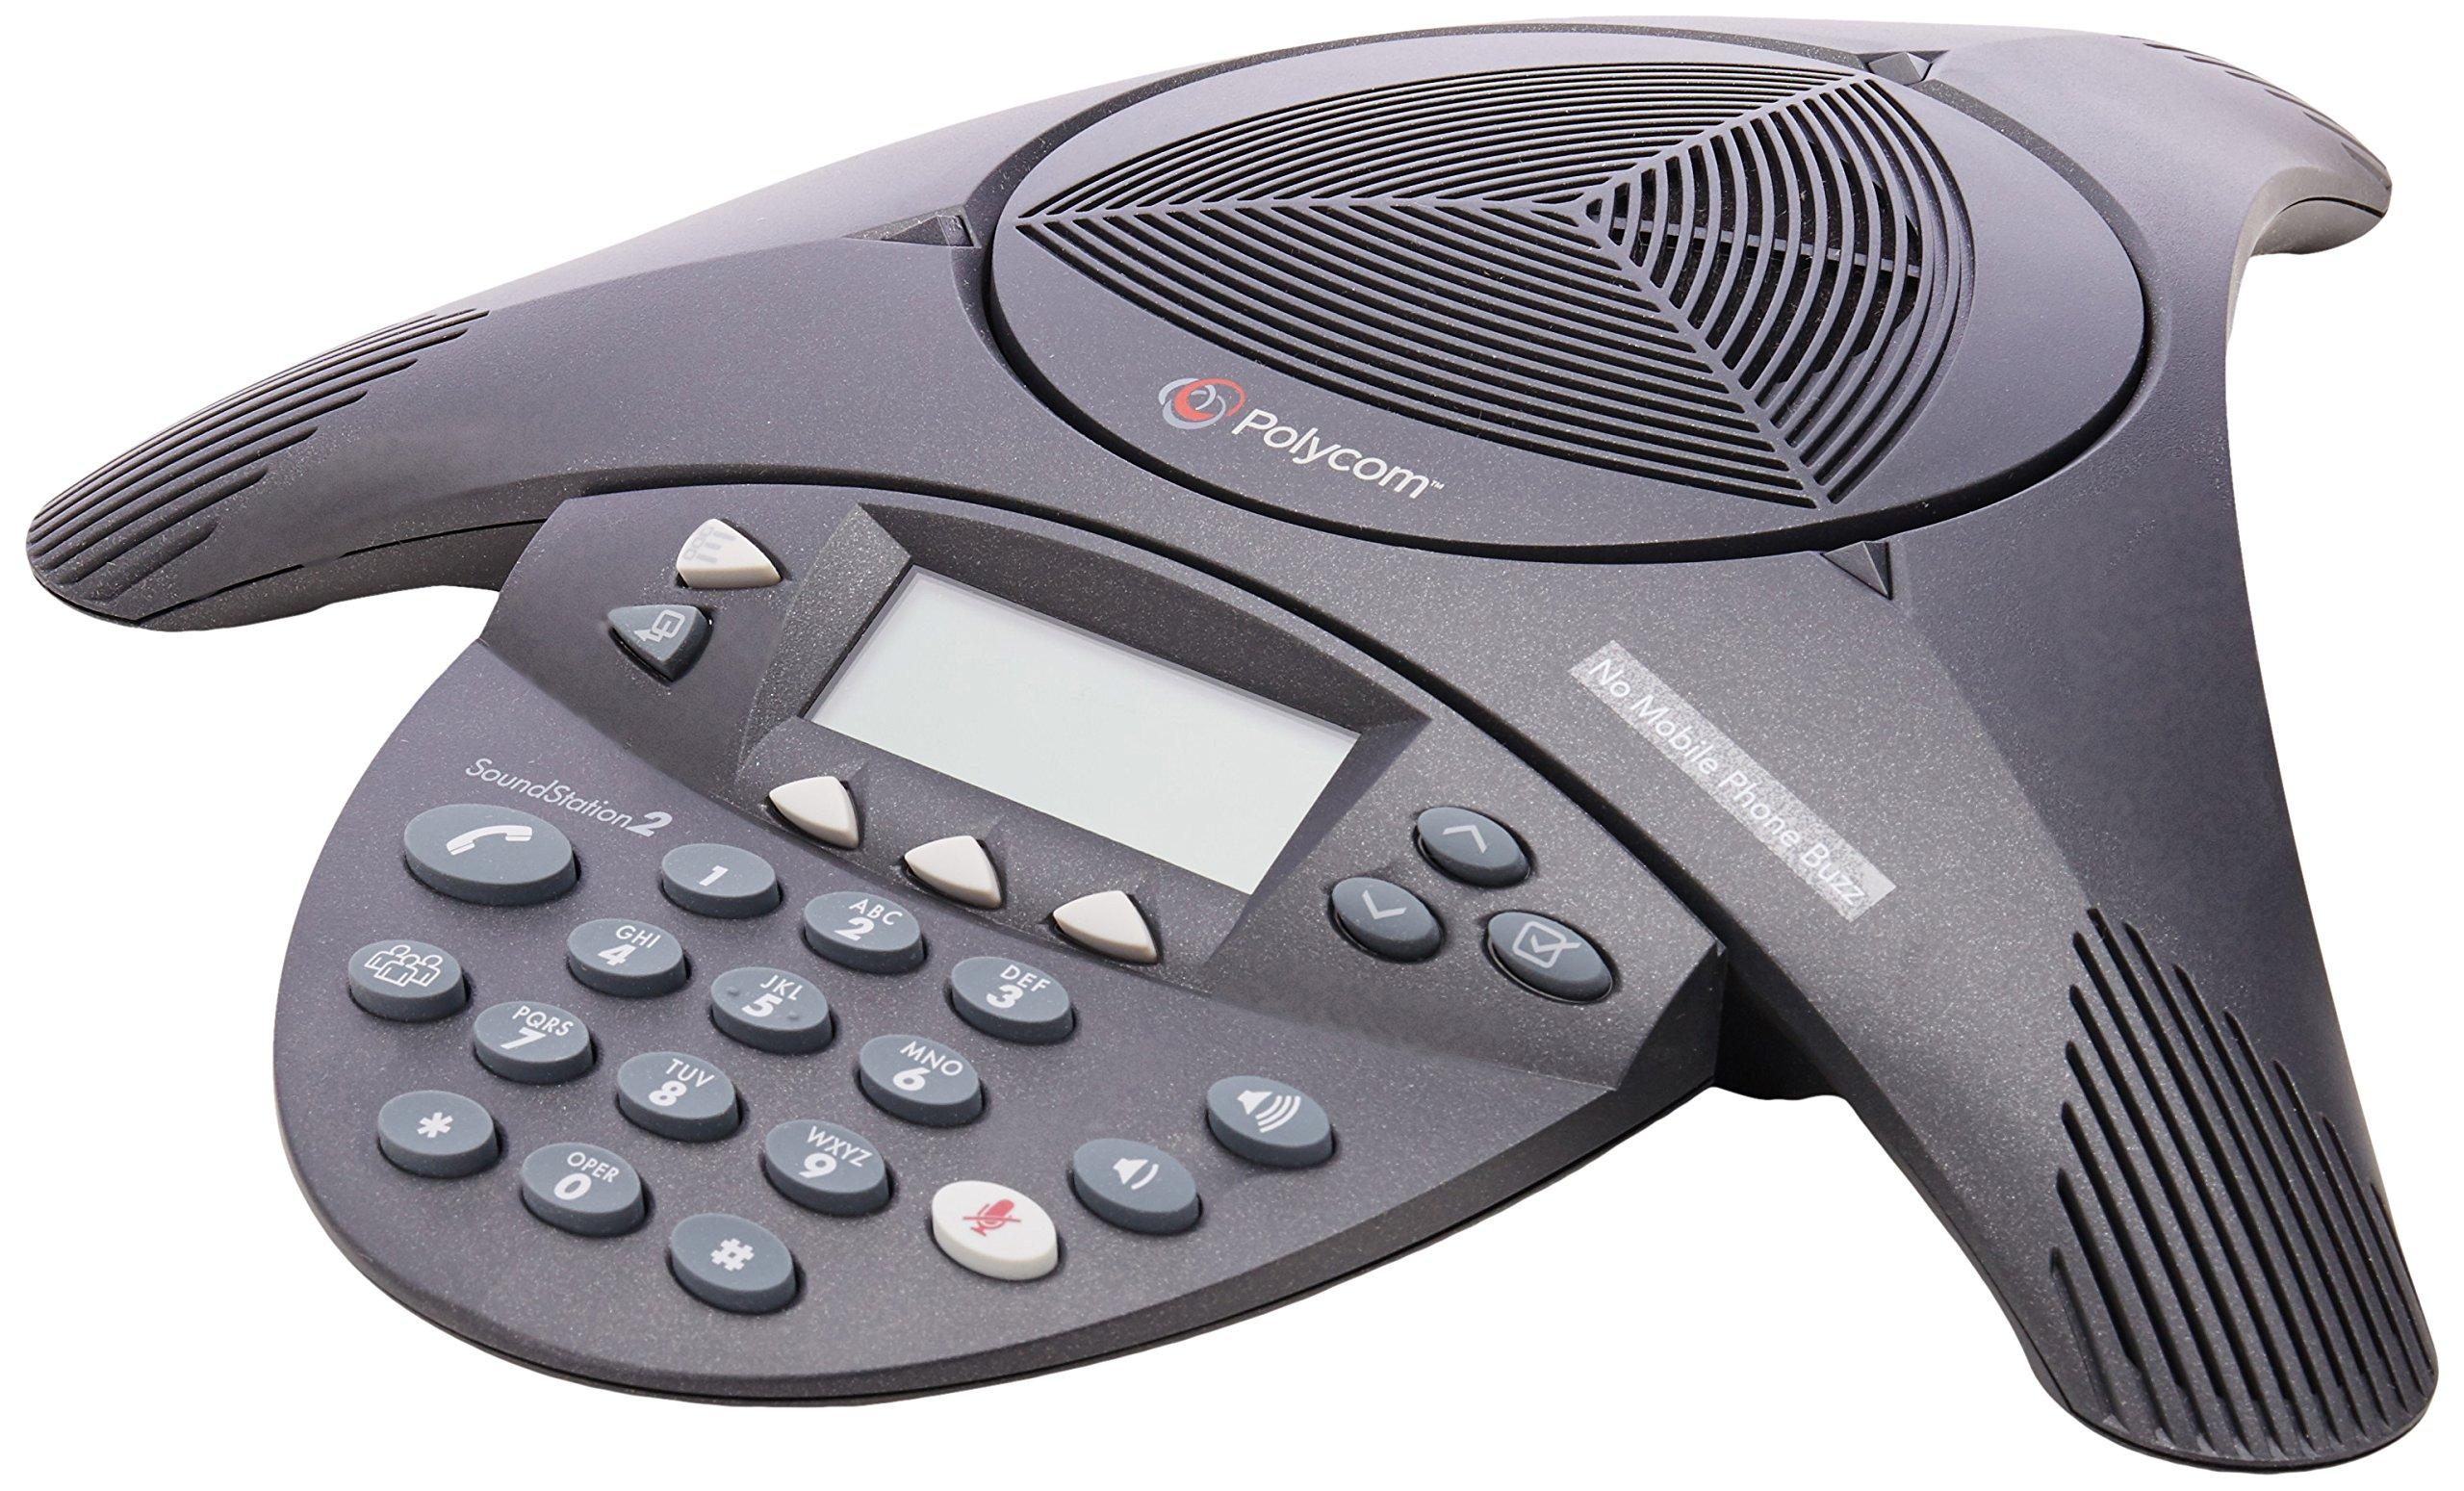 Polycom SoundStation 2 Non Expandable Analog Conference Phone (2200-16000-001) by Polycom